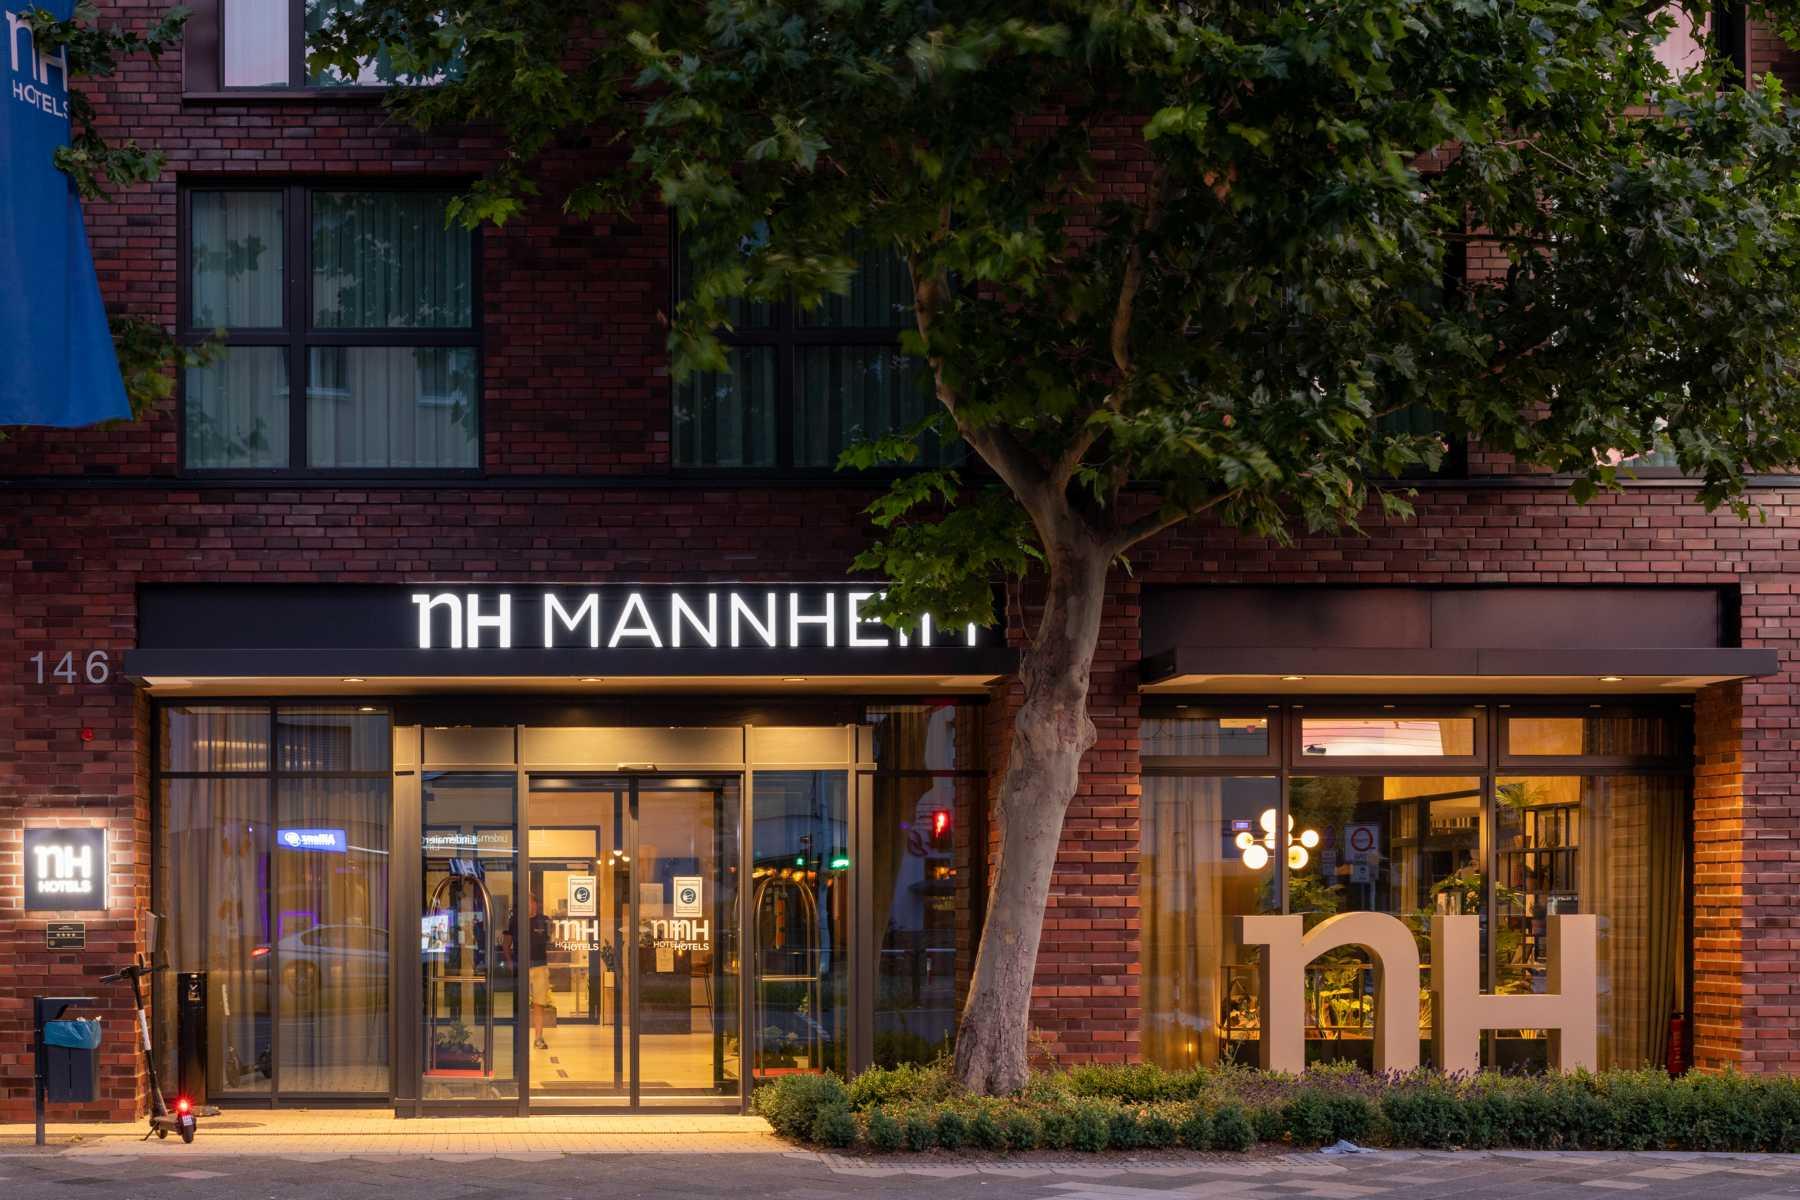 K1600_20200624_117_Prasch Buken Partner Architekten ©DUCKEK NH Hotels niu Hotels Mannheim__G9A5860